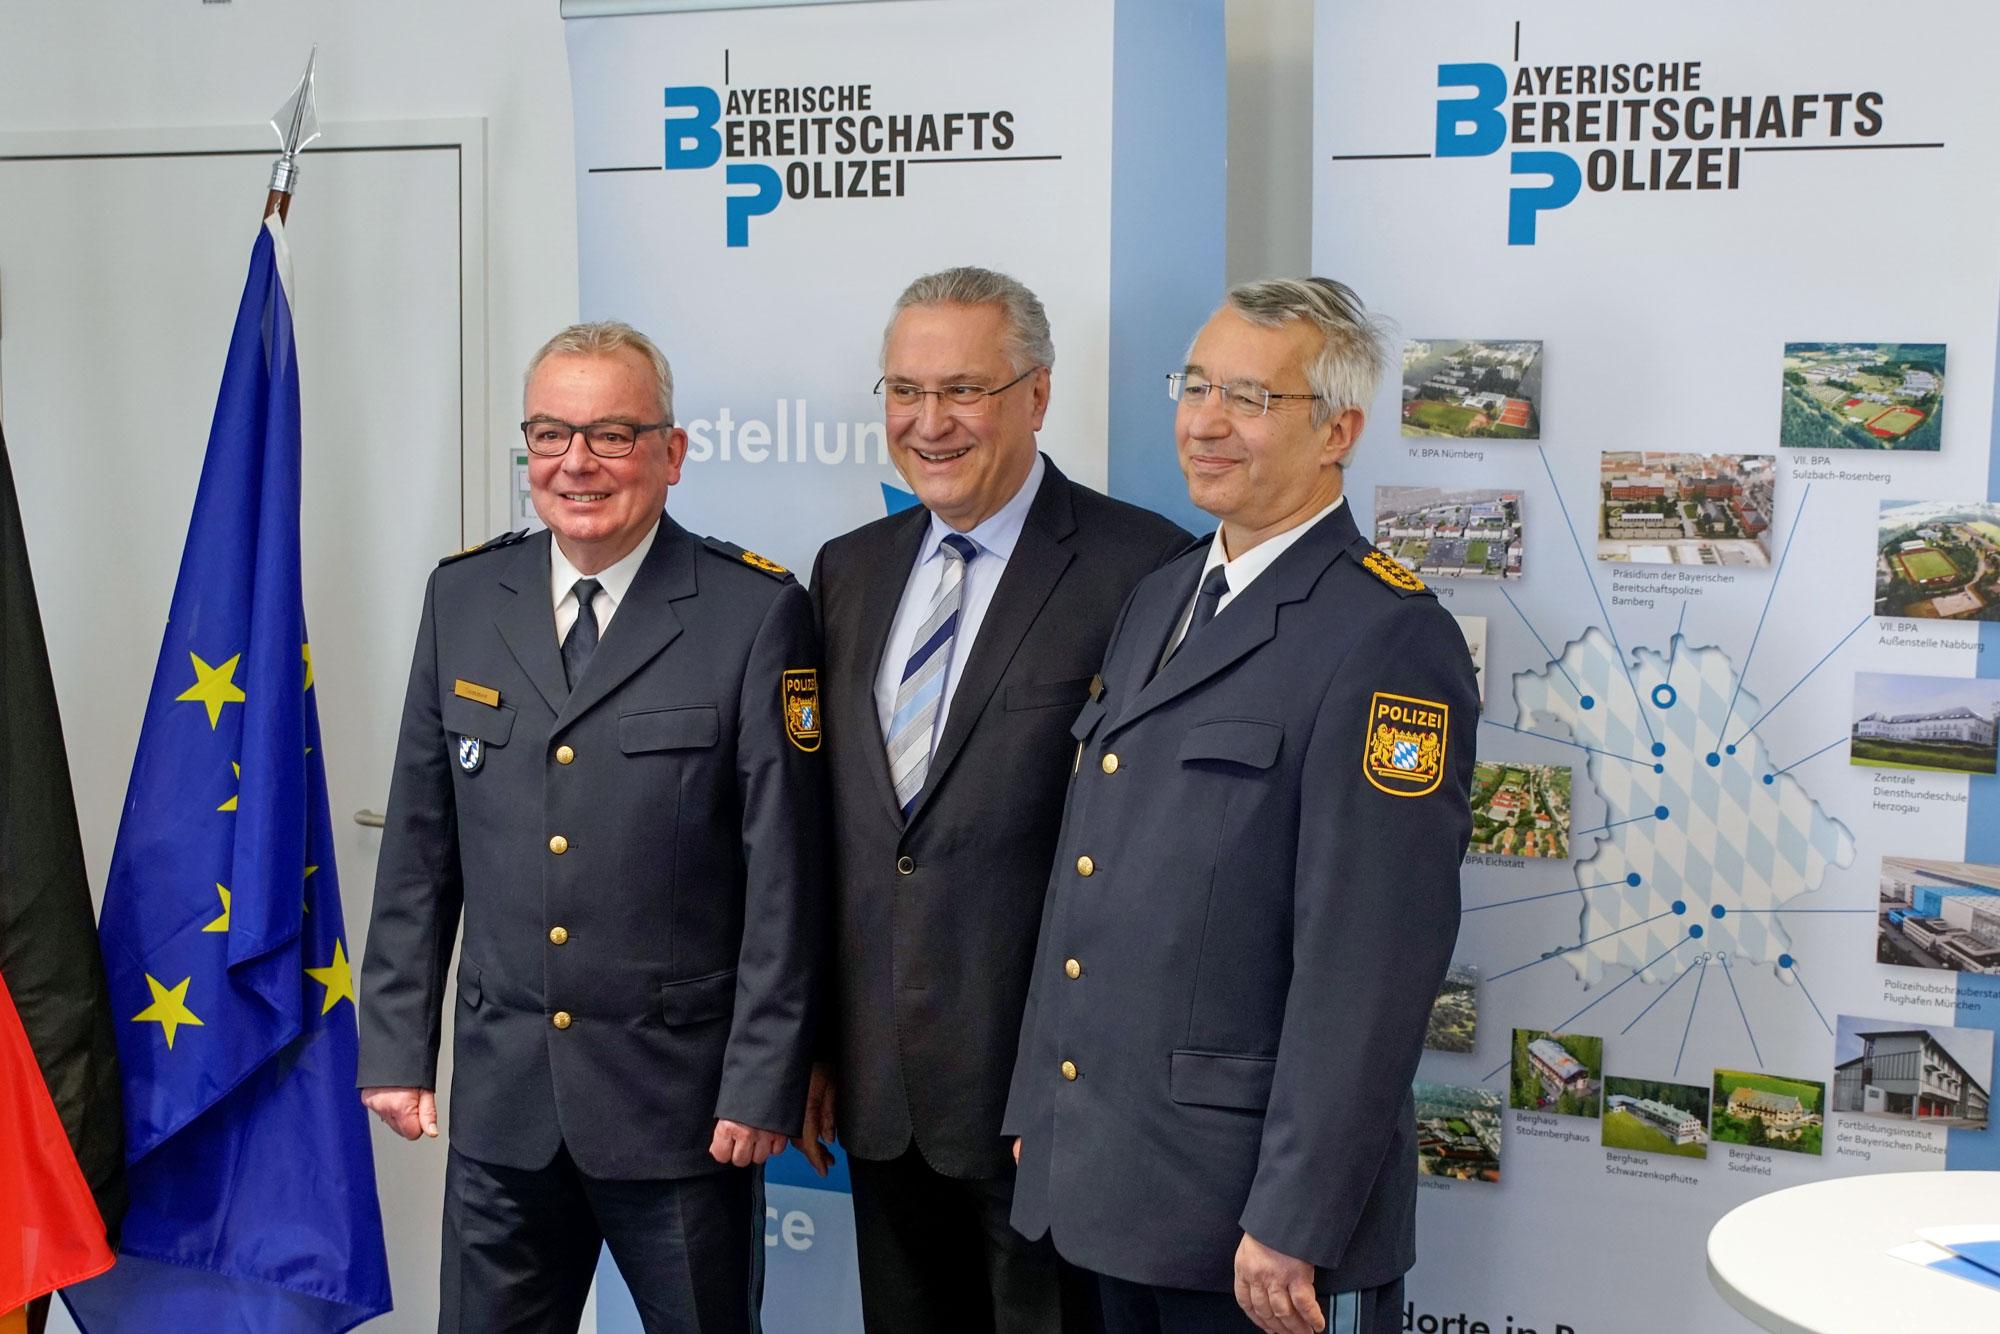 einstellung bayerische polizei